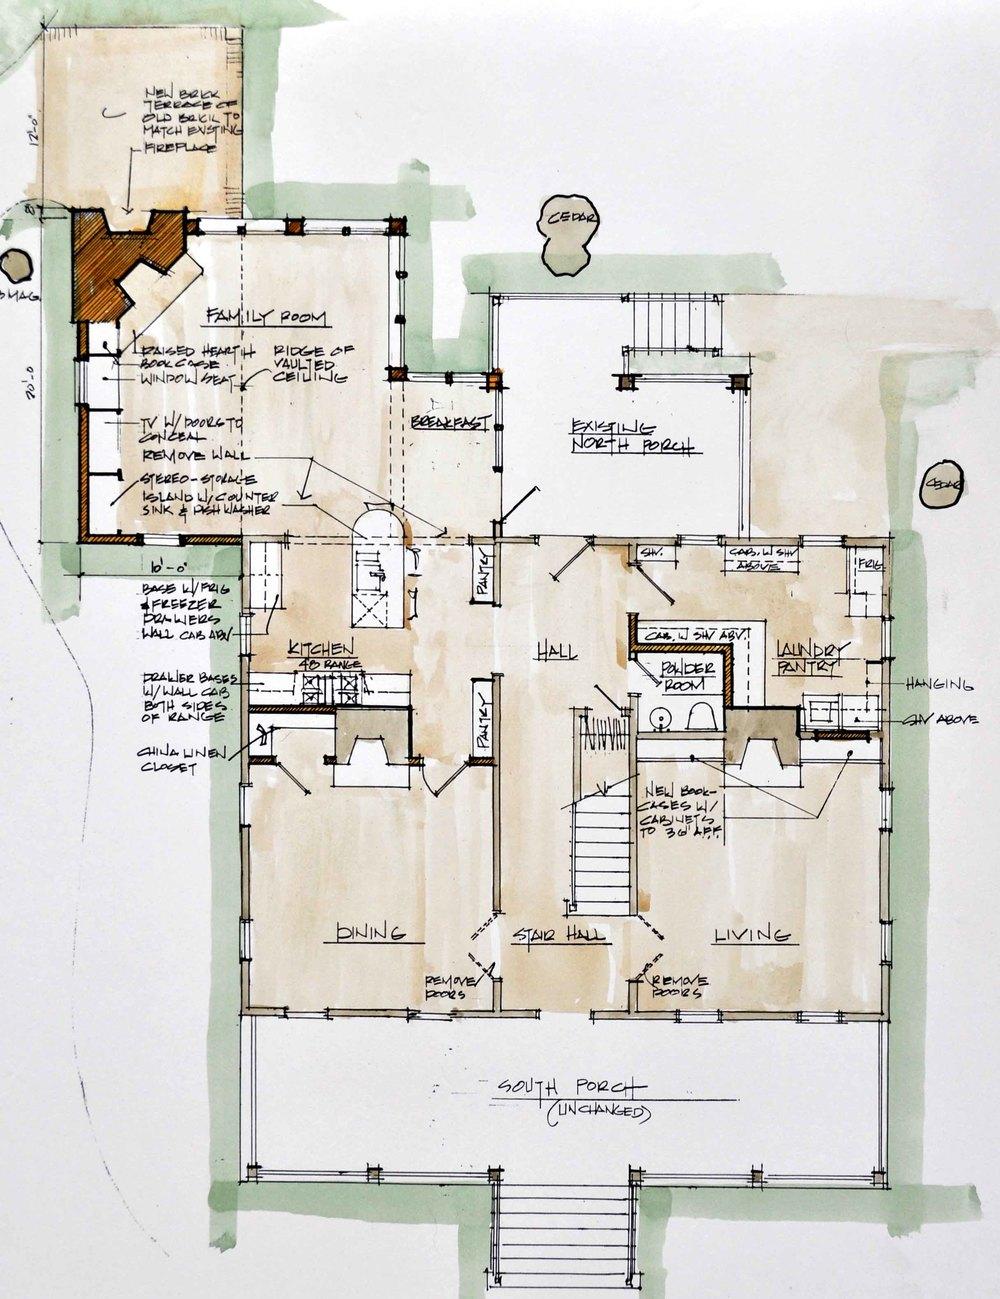 Winch First Floor Plan-w